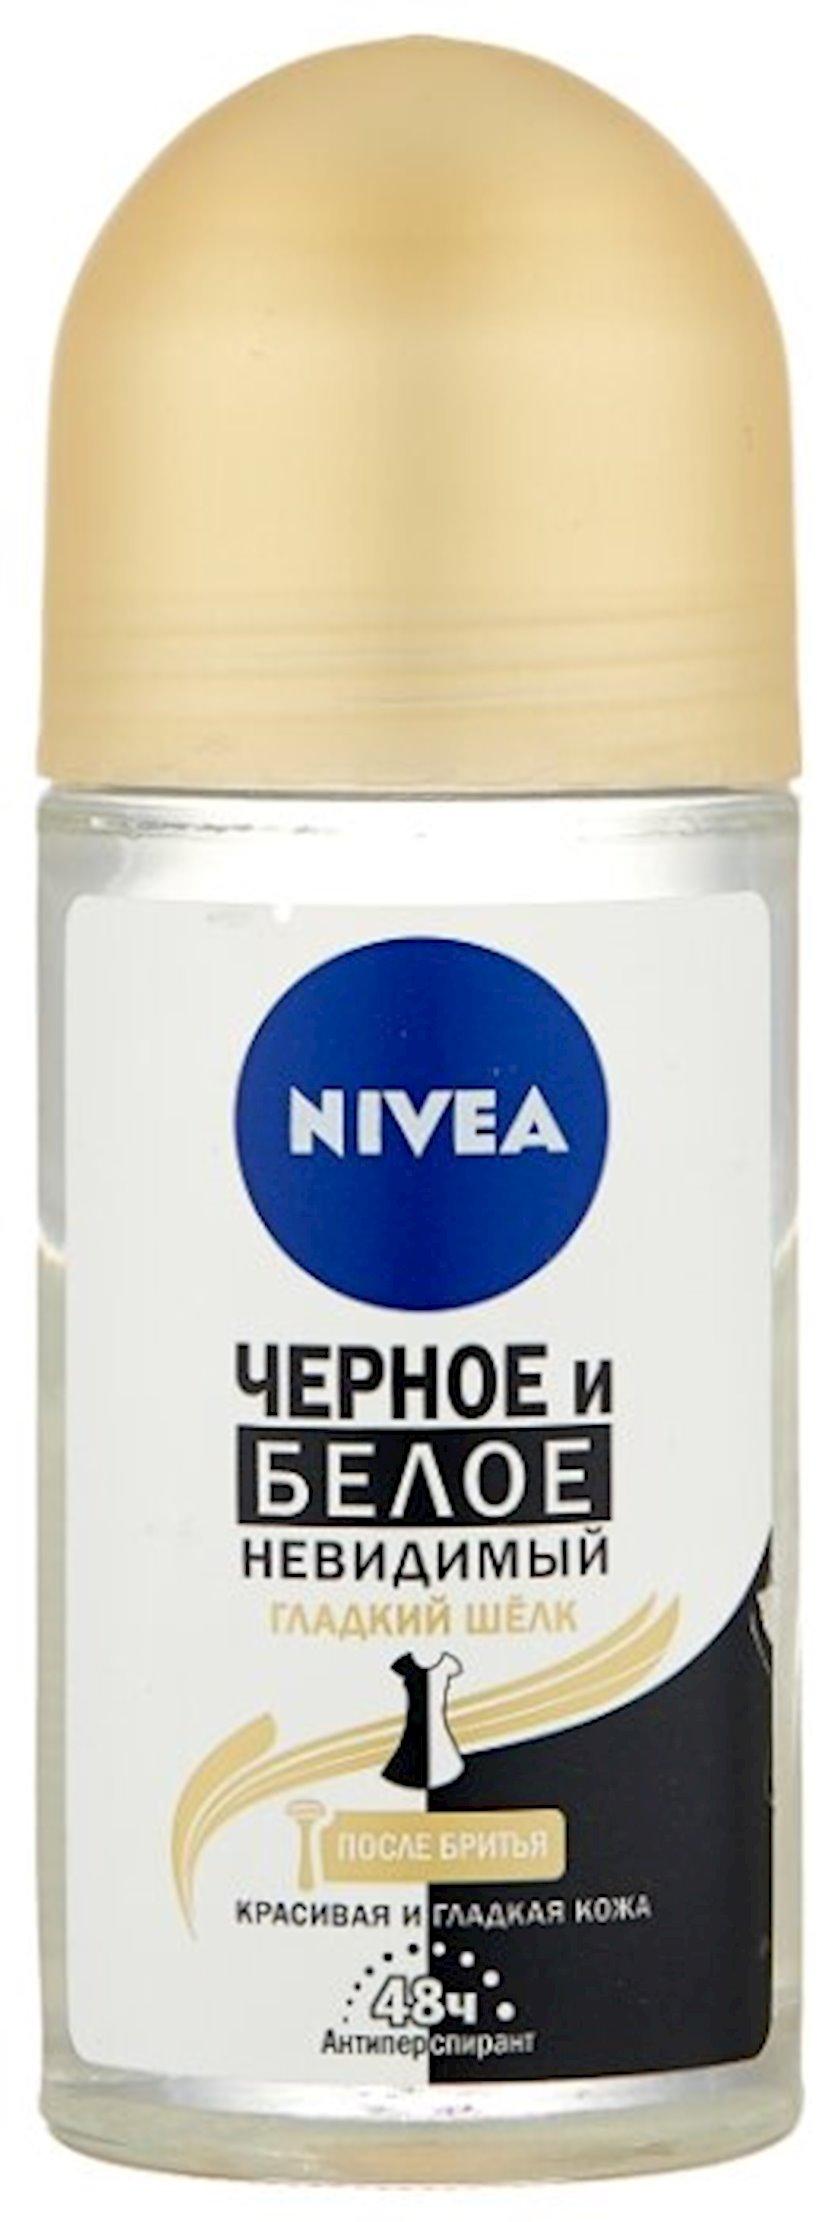 Dezodorant-antiperspirant qara və ağ görünməyən hamar ipək qırxılmadan sonra dəri üçün, Nivea 50 ml